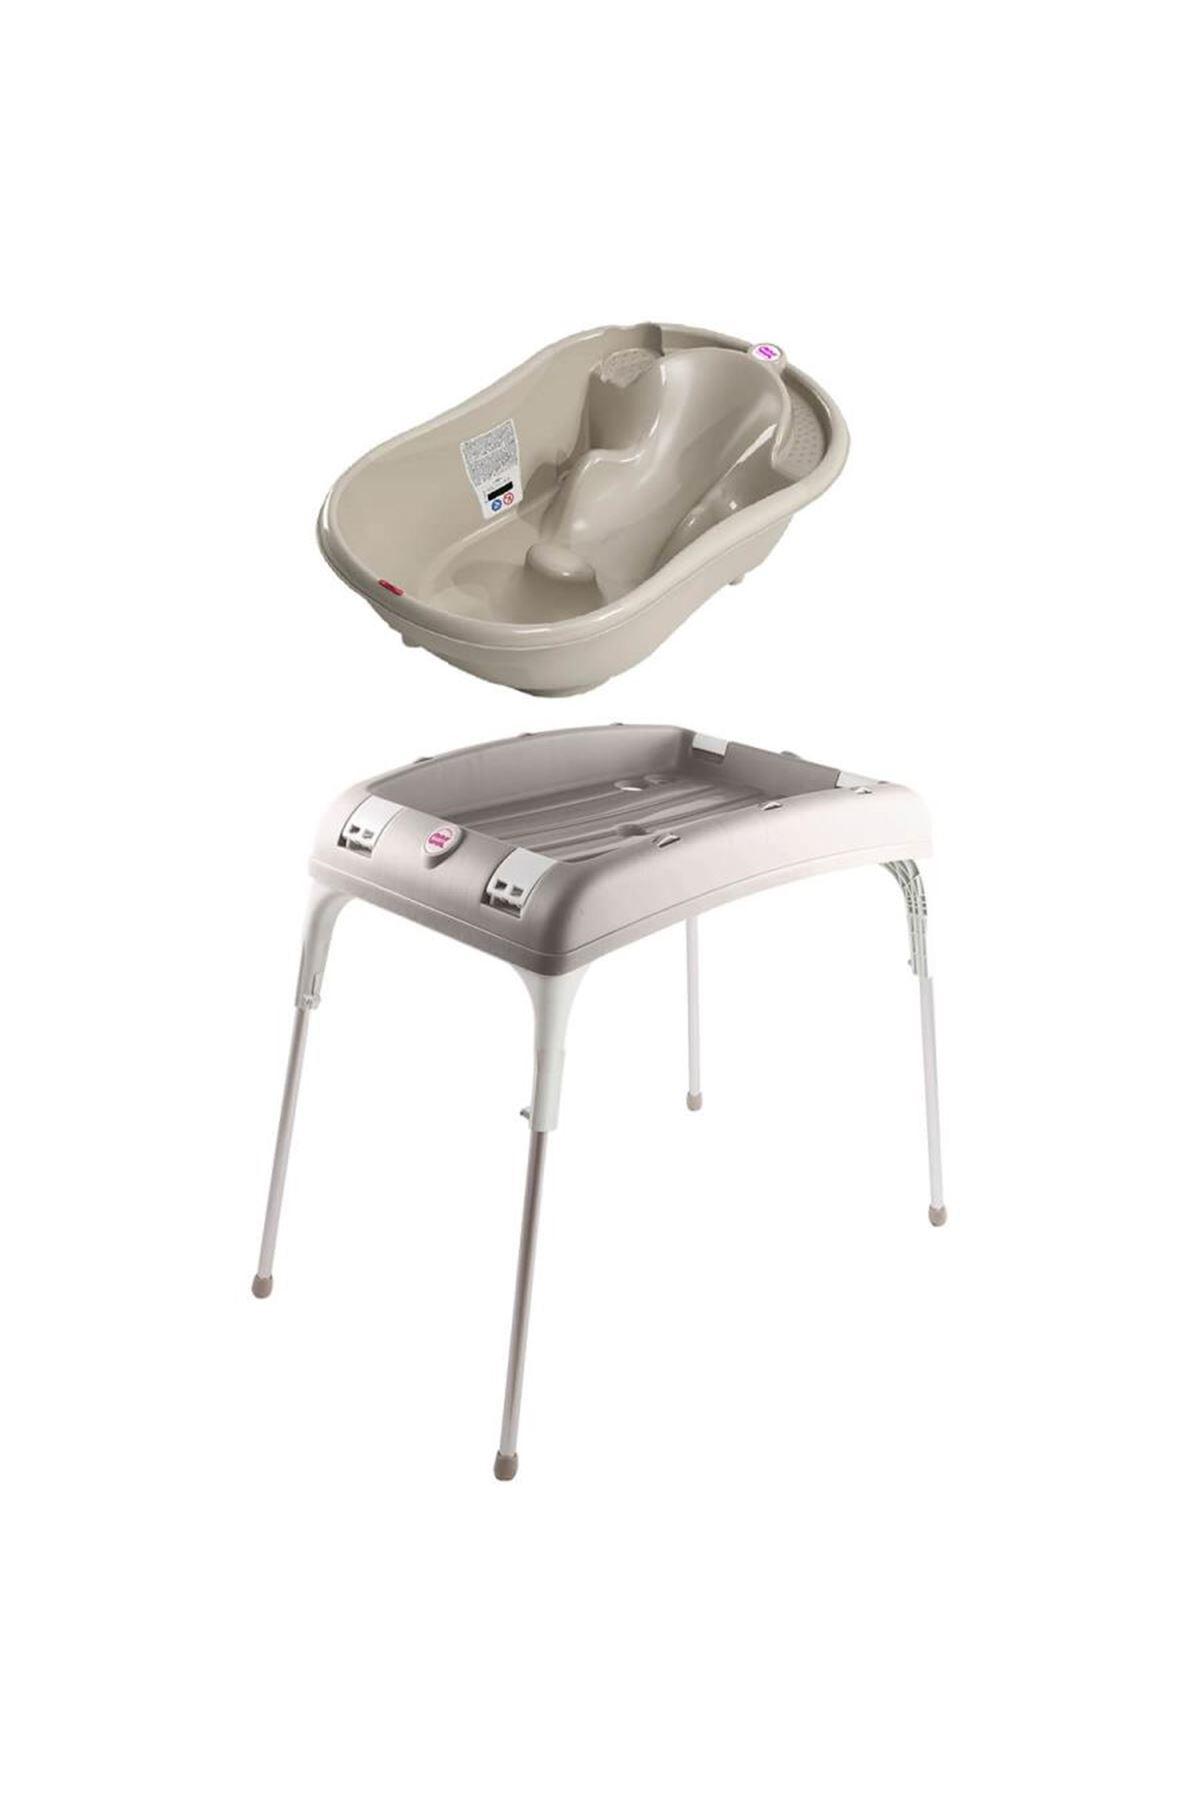 OkBaby Onda Banyo Küveti & Banyo Küvet Taşıyıcı / Gri